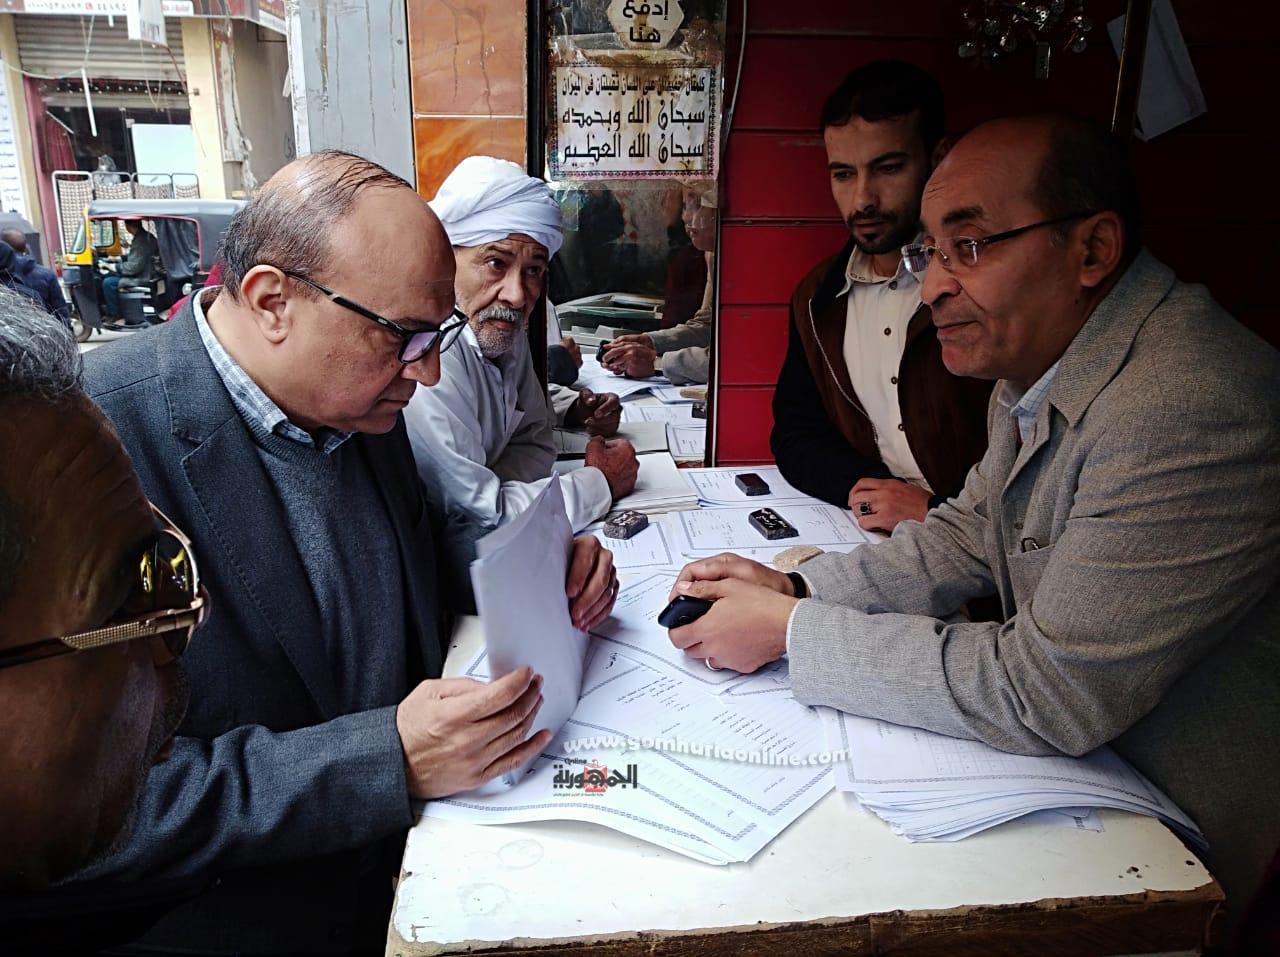 محمد سعد الله وكيل وزارة التموين يتفقد سجلات صوامع الغلال